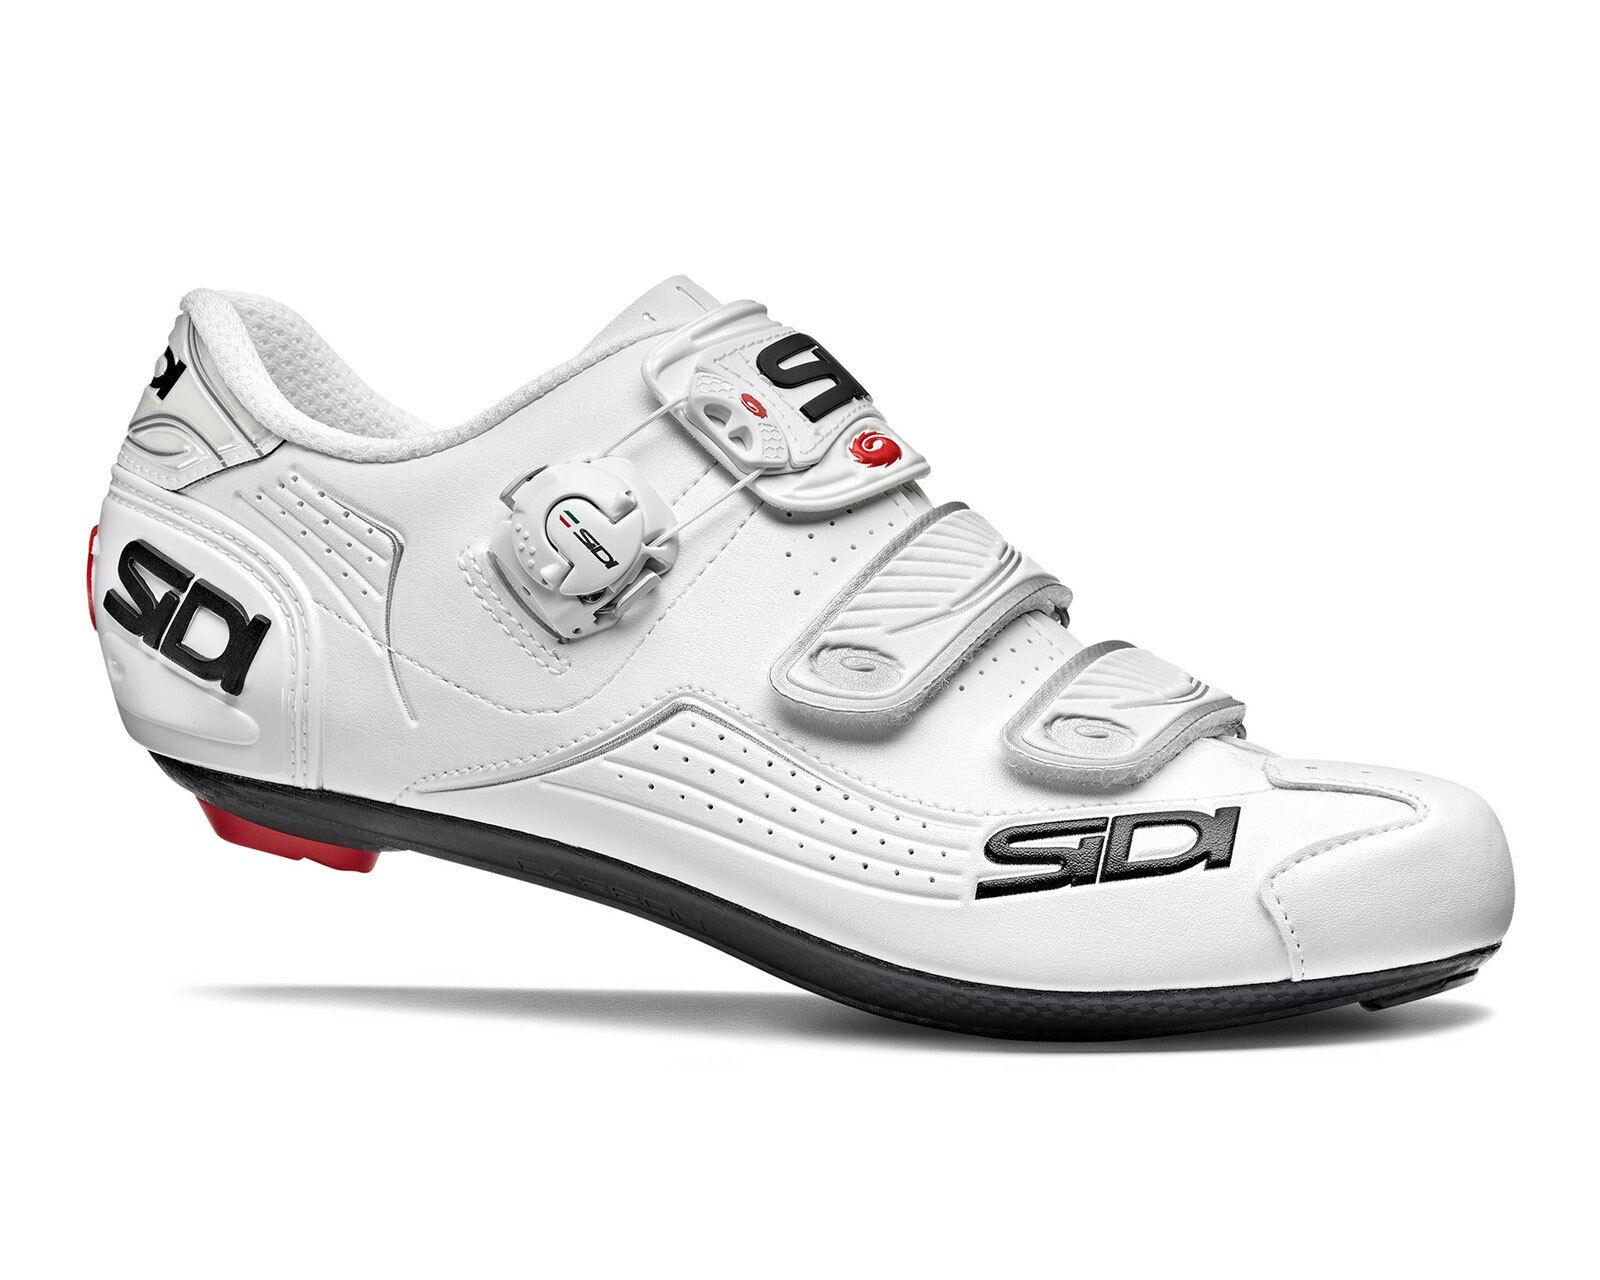 SIDI Alba Road Cycling shoes  - White White  unique design